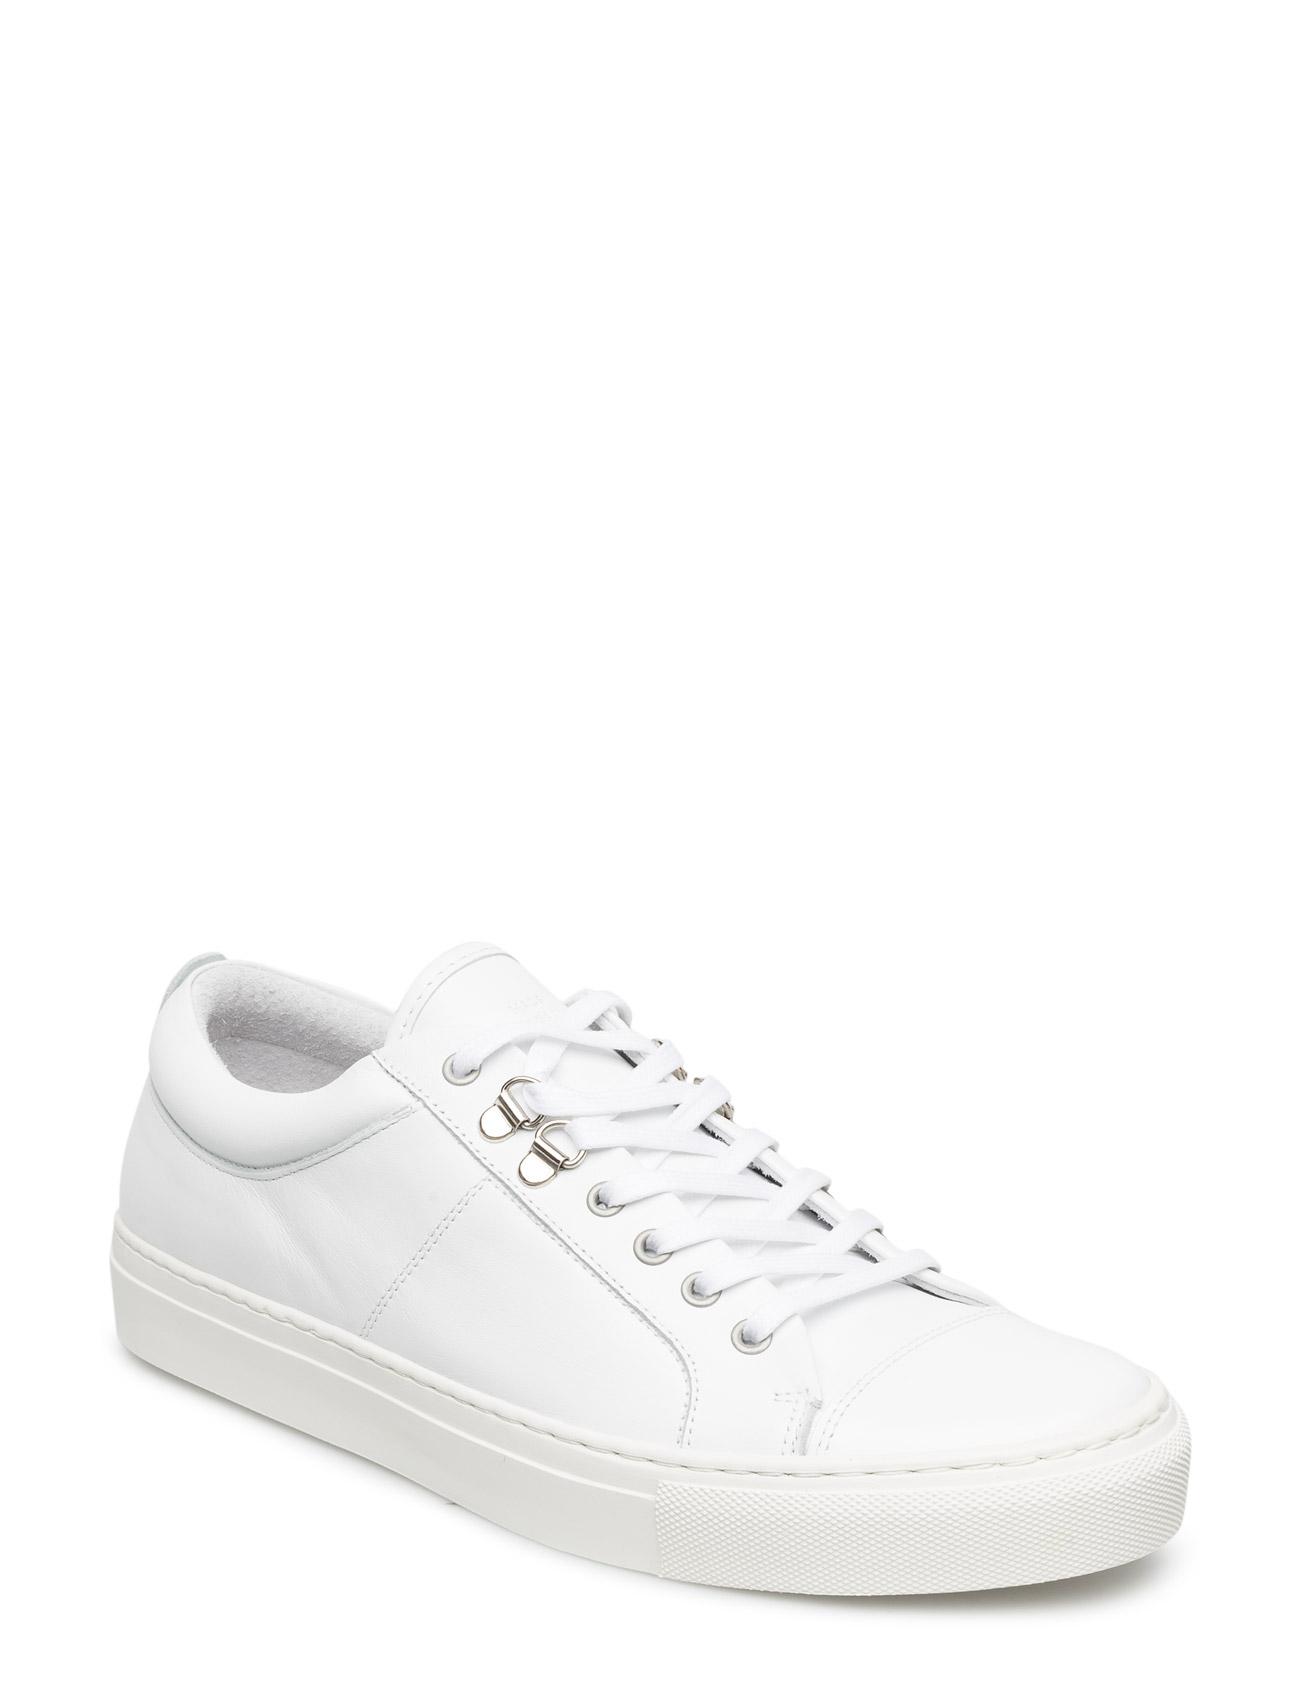 Leather Sneak Madson Mads Nørgaard Sneakers til Mænd i hvid